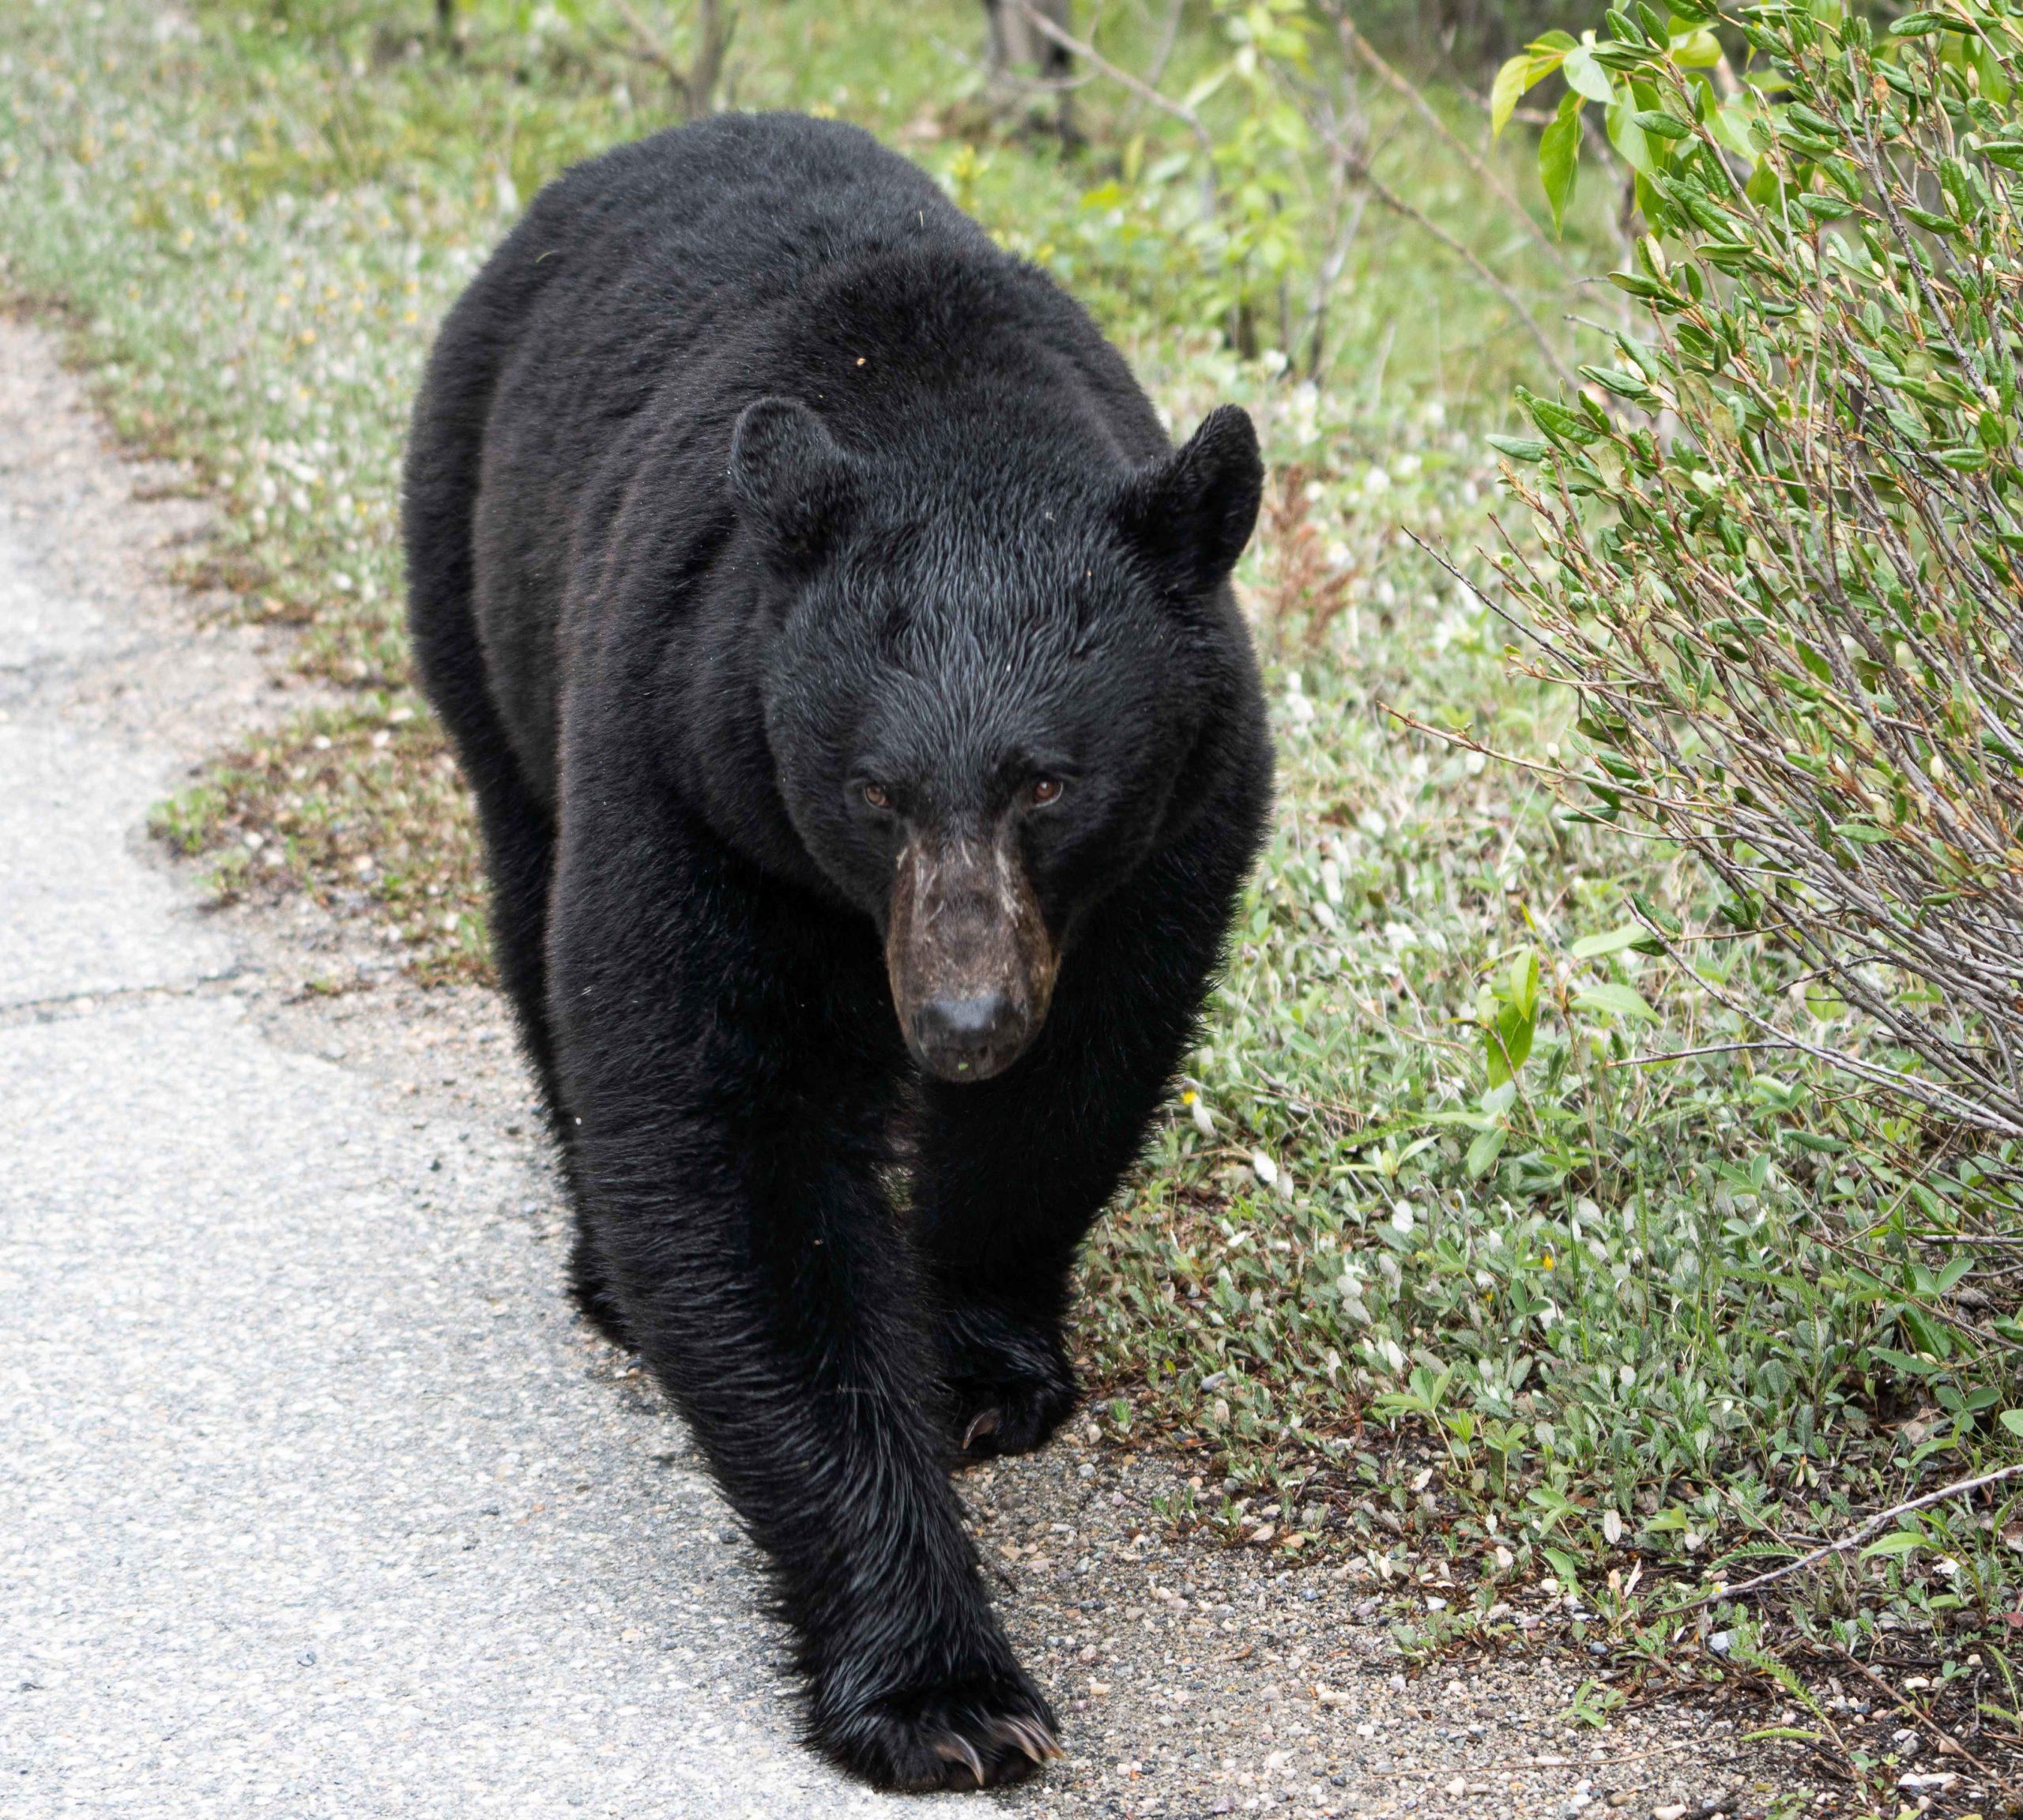 Bear walking by the road by Jack Hawkins